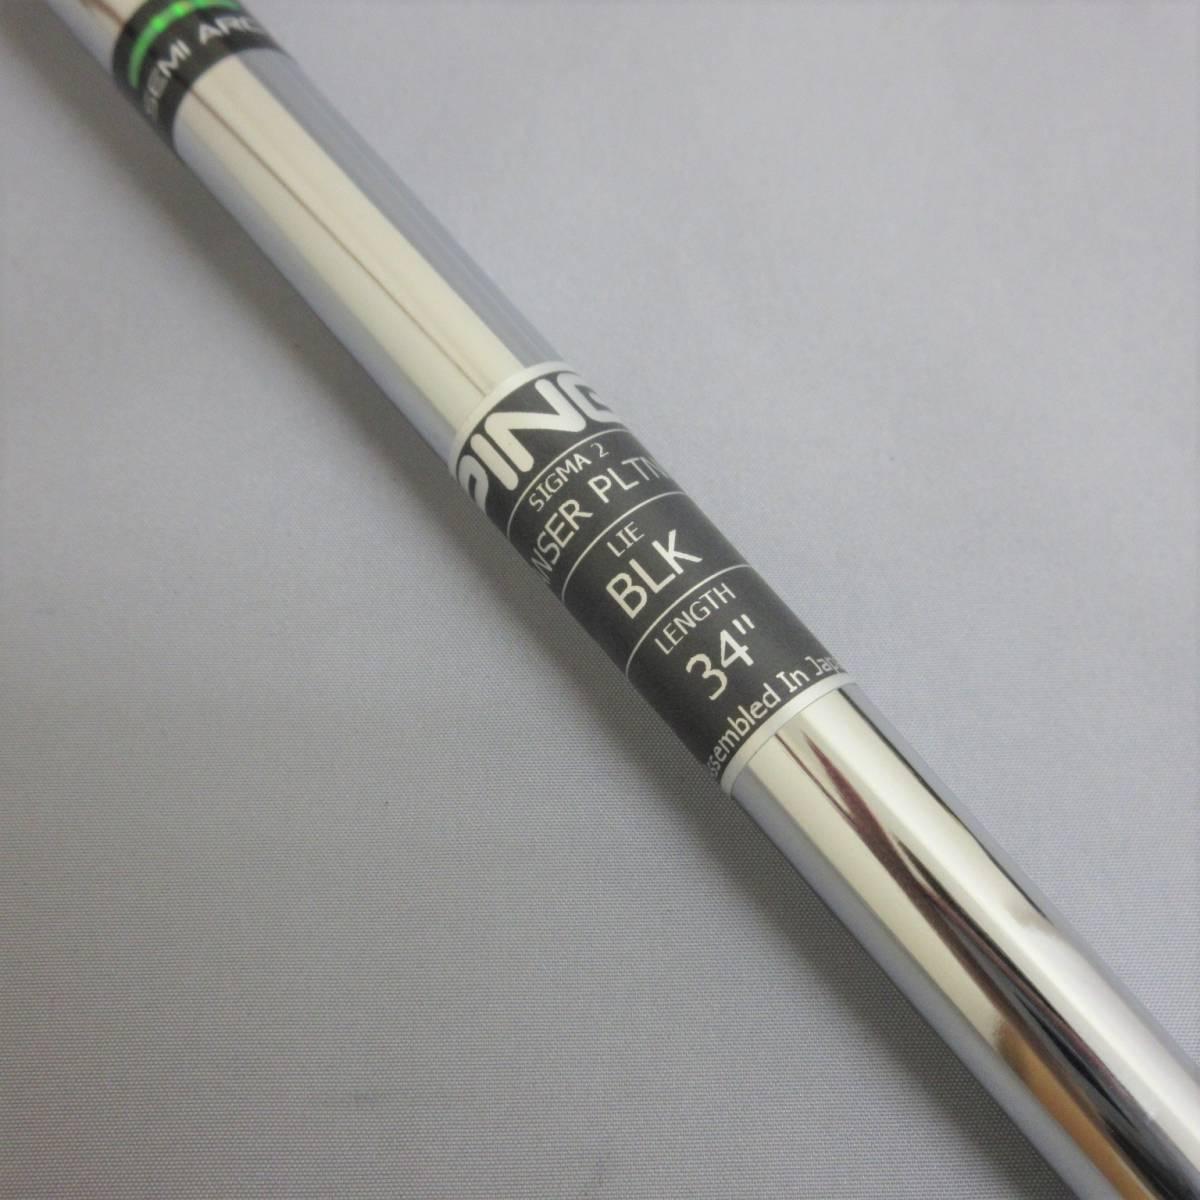 日本仕様 PING シグマ2 アンサー プラチナム 34インチ ピン Sigma2 Anser Platinum PP60 グリップ 装着 限定1本入荷!!_画像6